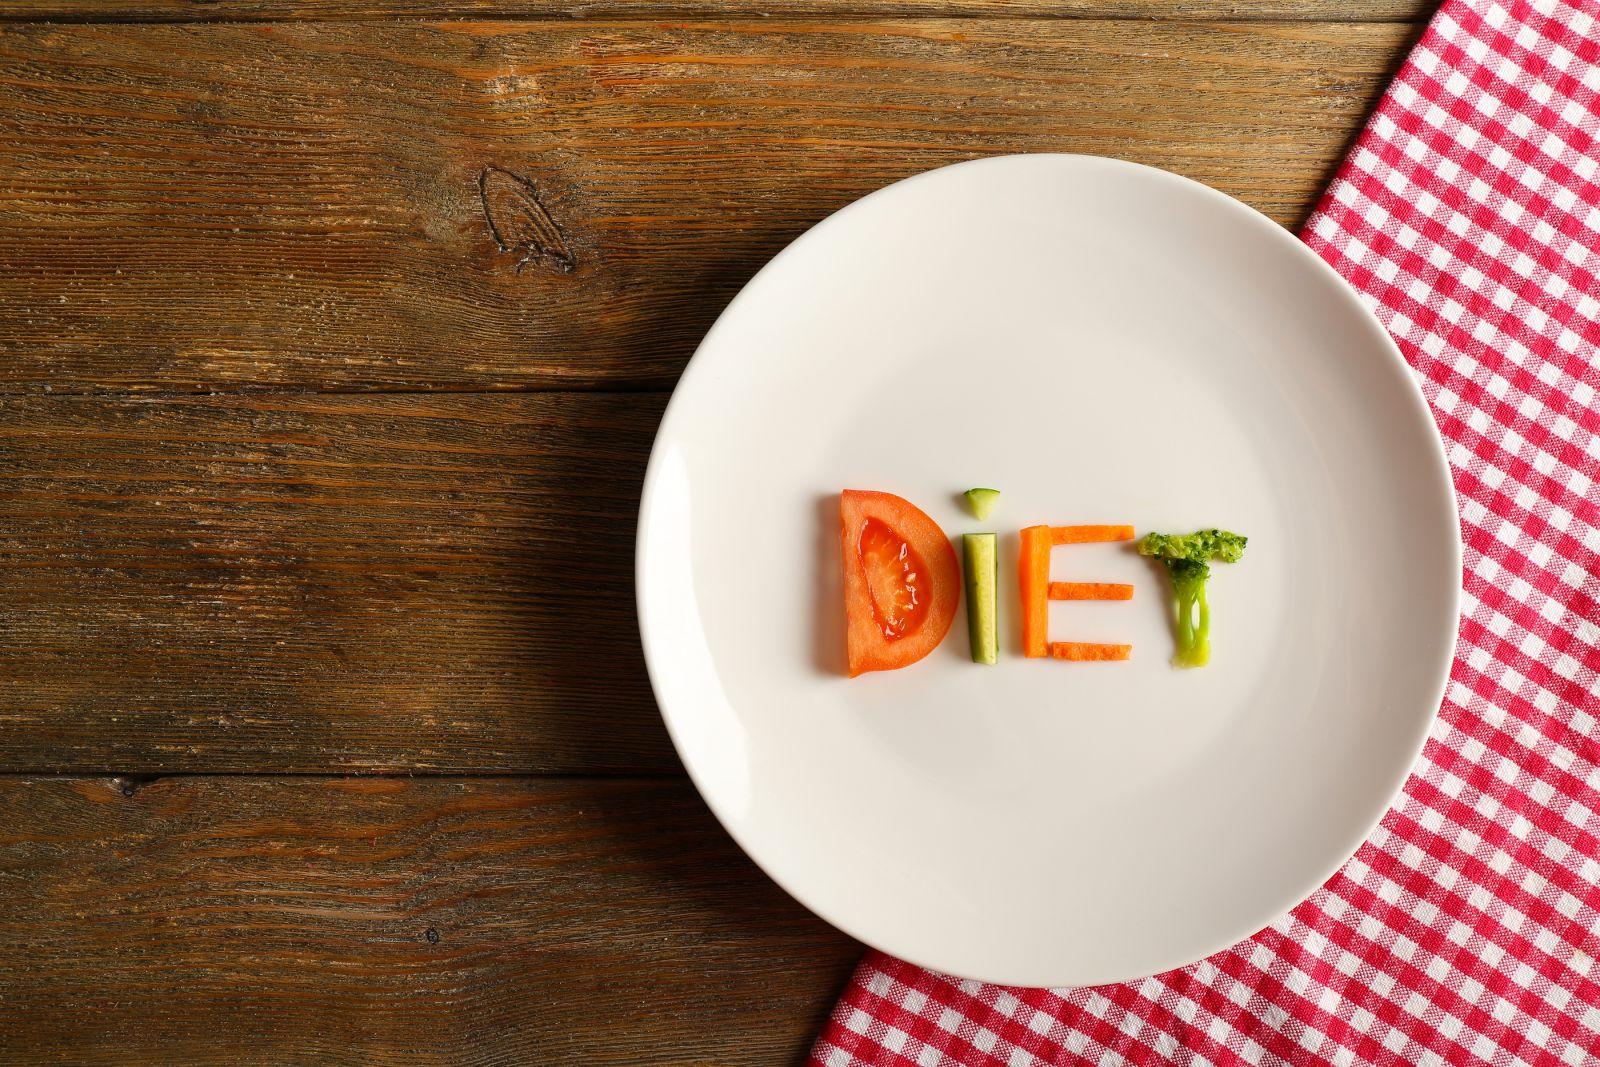 тарелка с надписью диета